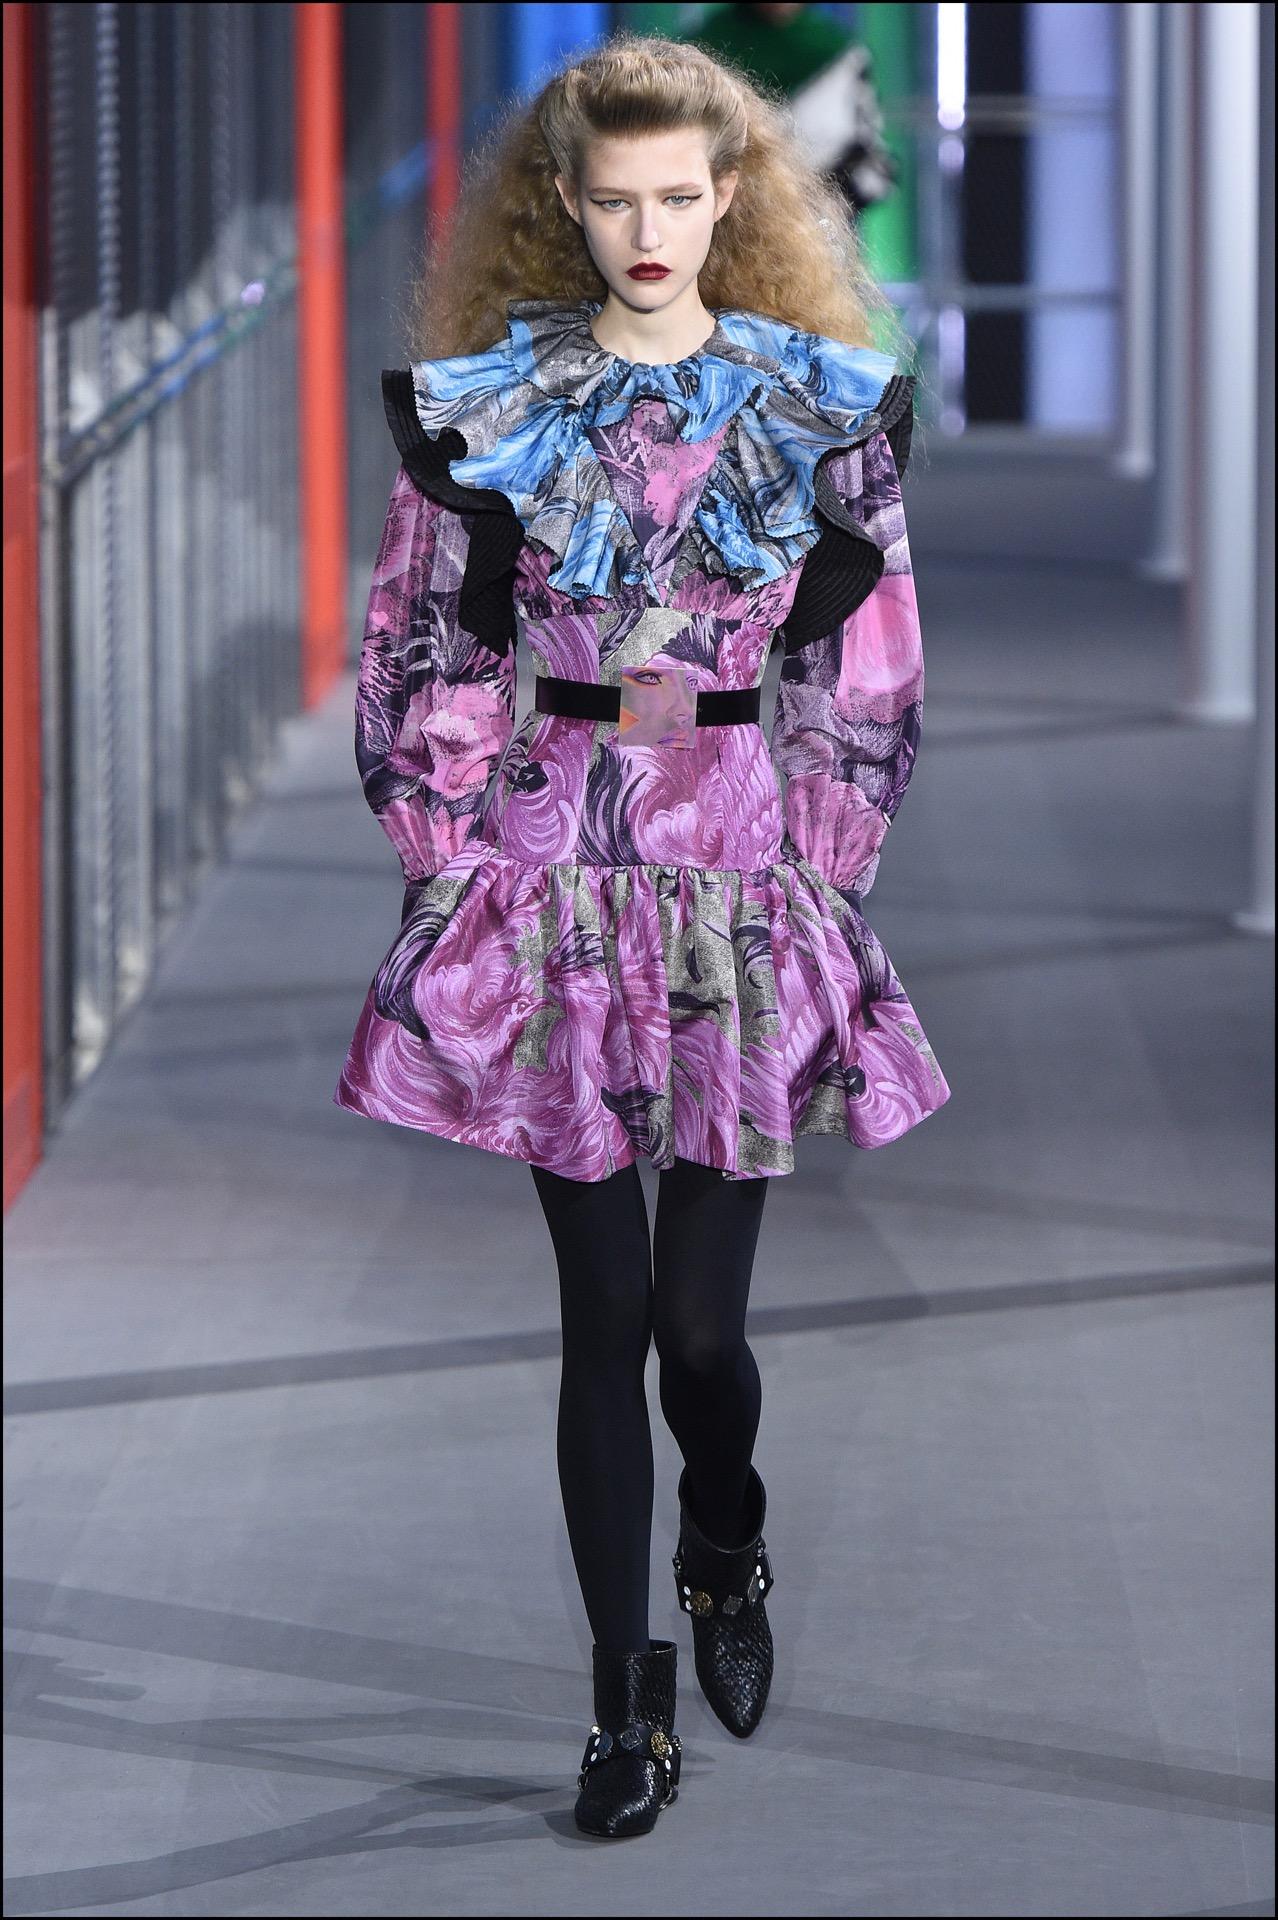 Volados y cinturas marcadas, dos ítems presentes en la pasarela de Louis Vuitton.